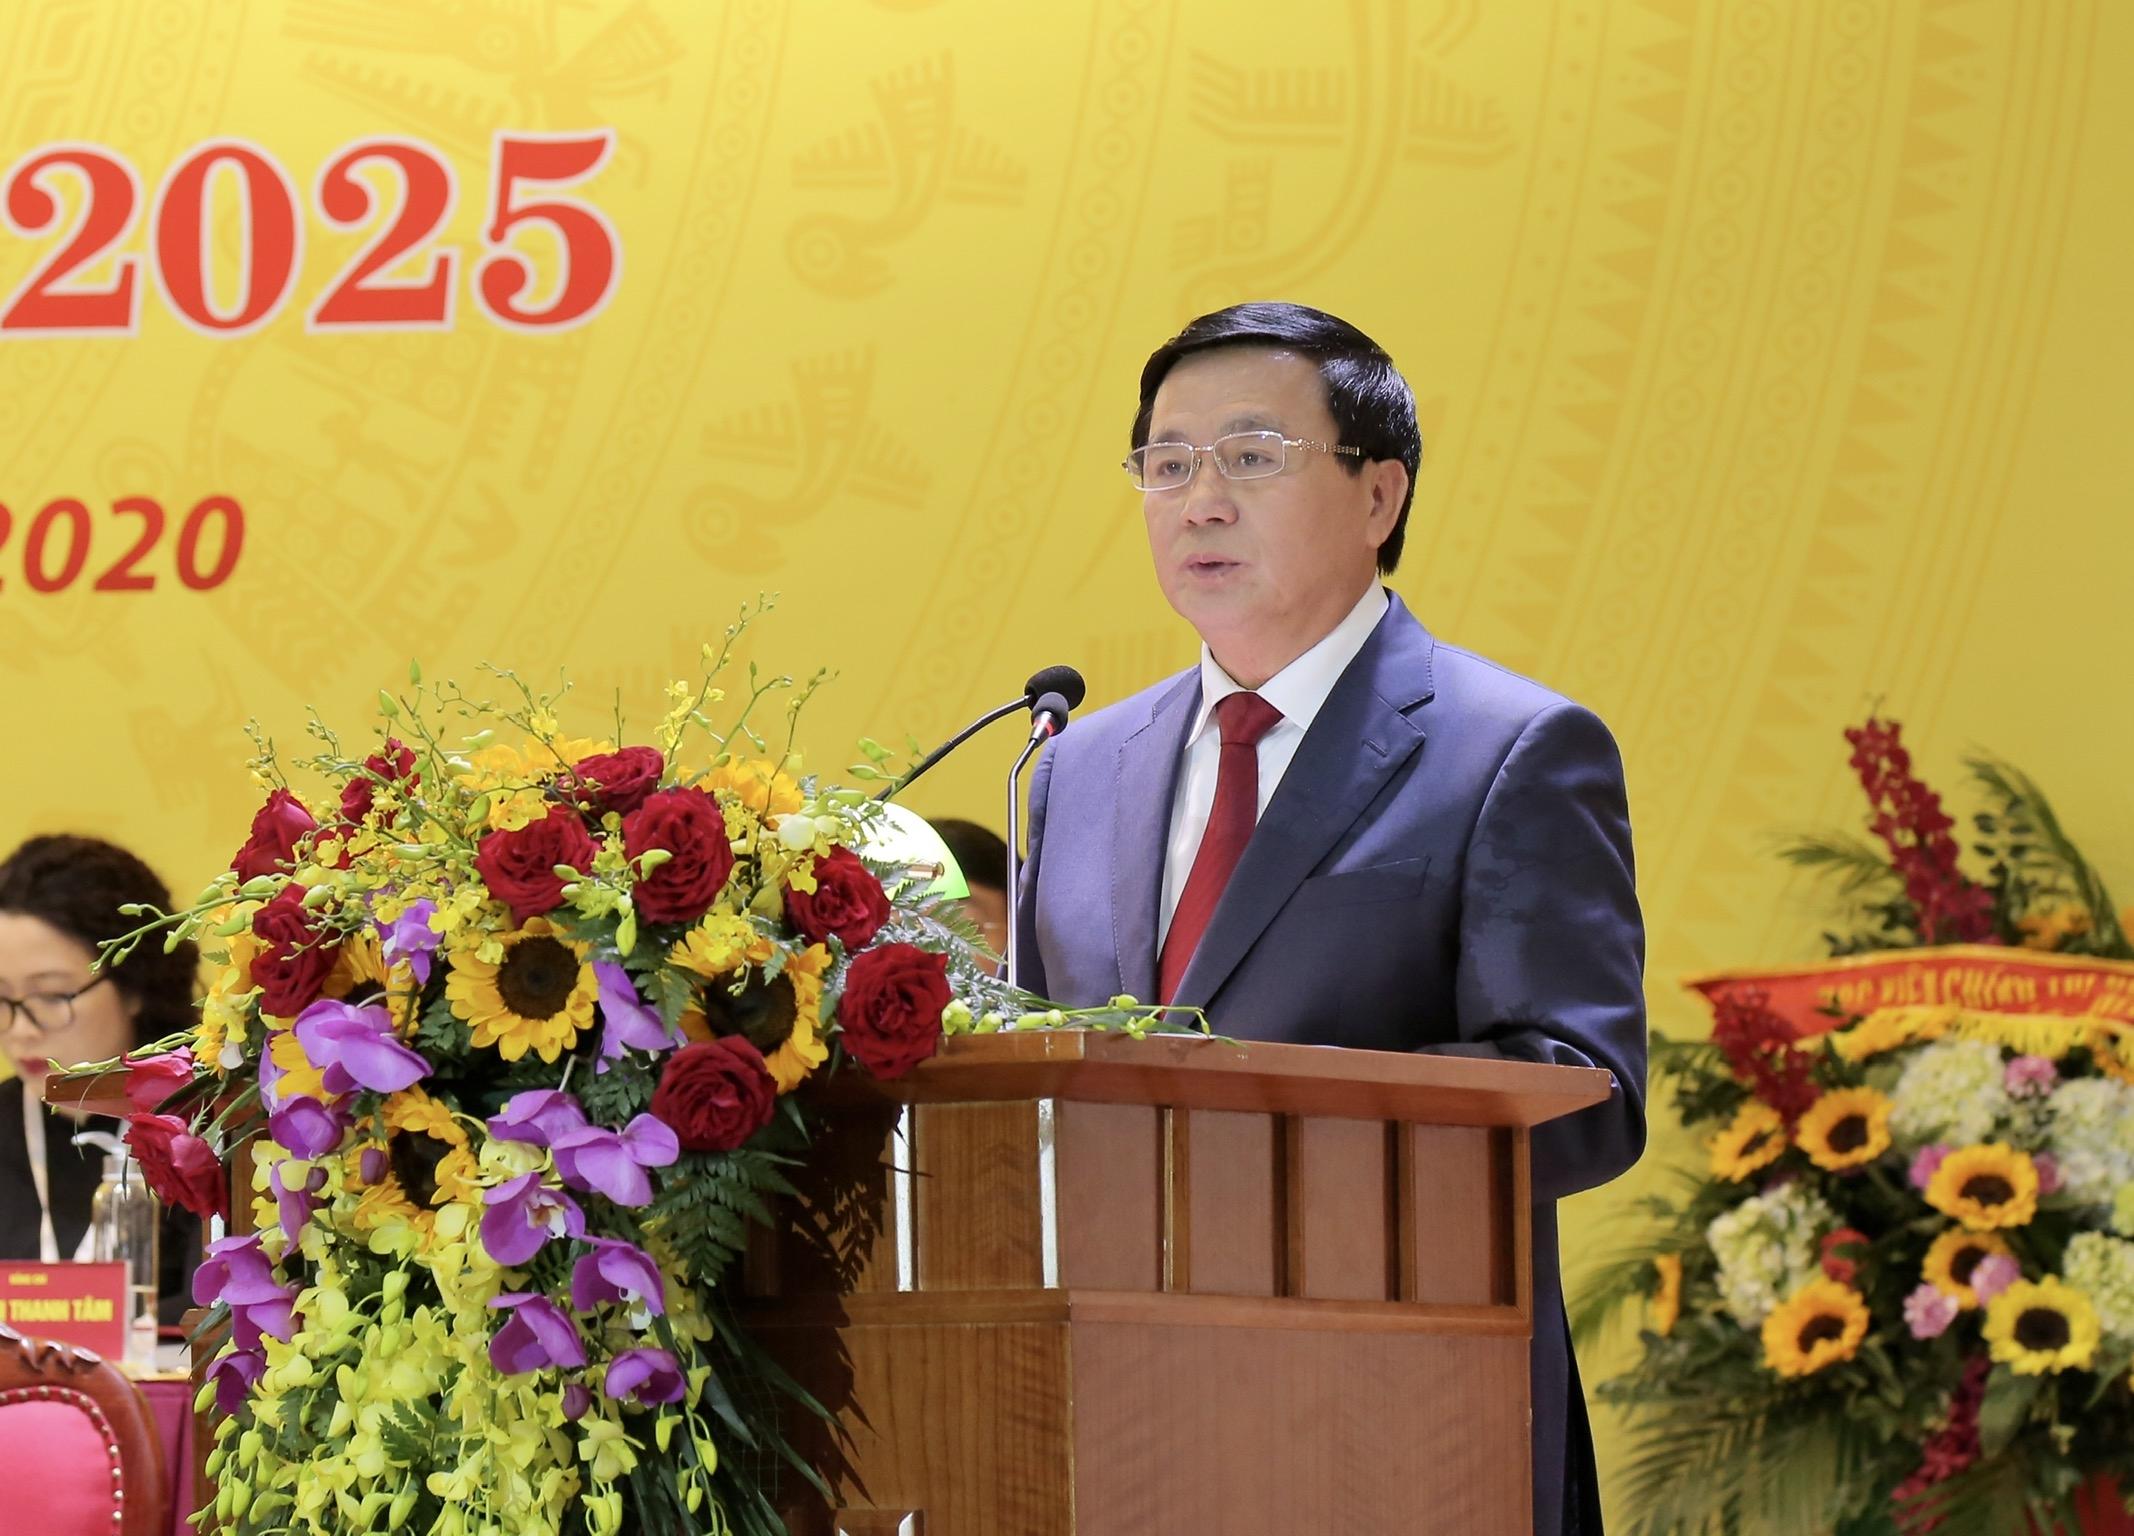 khai-mac-dai-hoi-dai-bieu-dang-bo-khoi-doanh-nghiep-trung-uong-lan-thu-iii-nhiem-ky-2020-2025-5